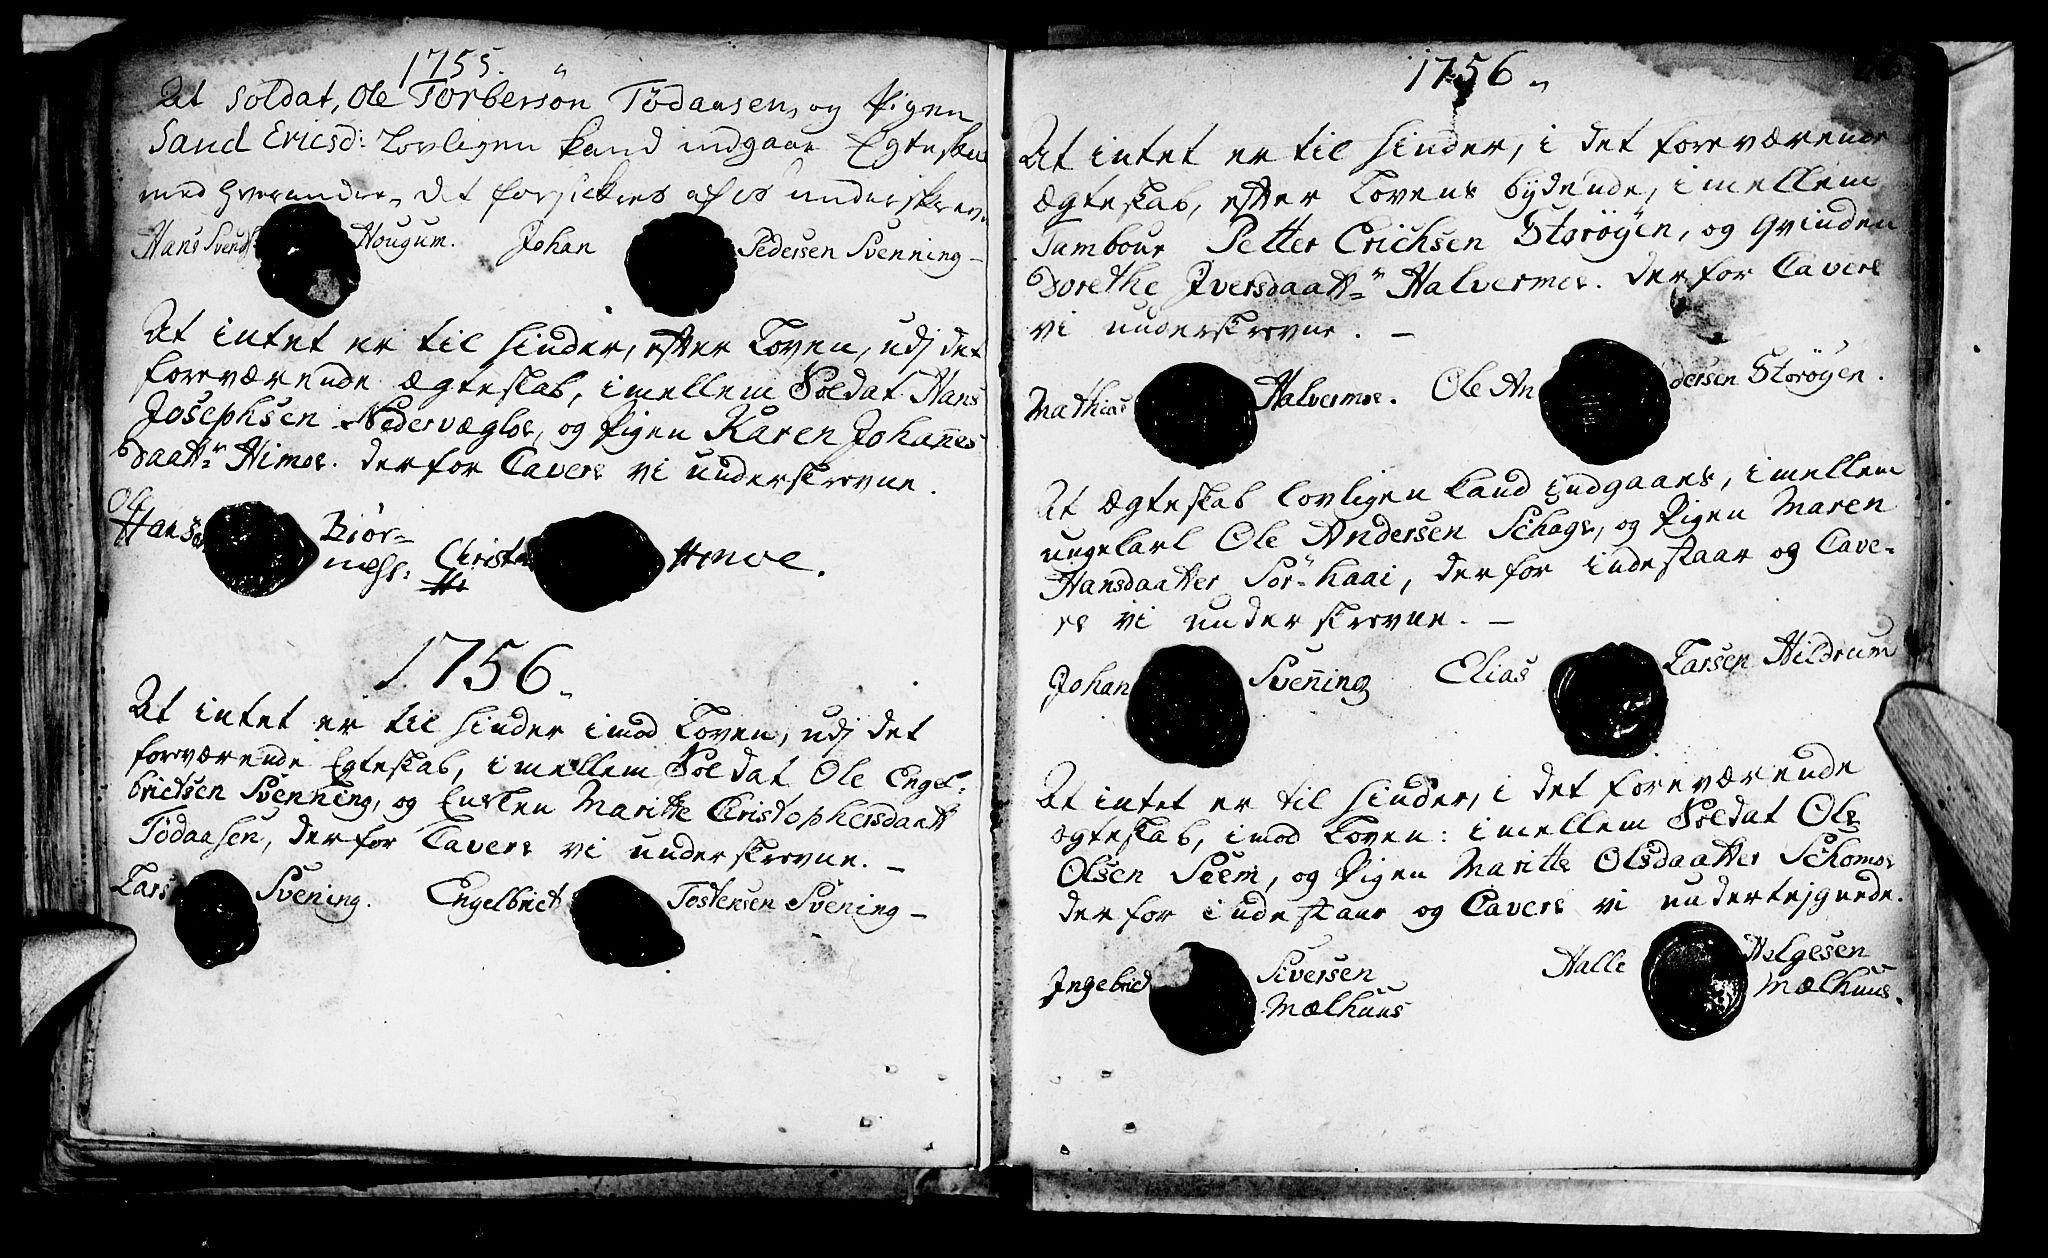 SAT, Ministerialprotokoller, klokkerbøker og fødselsregistre - Nord-Trøndelag, 764/L0541: Ministerialbok nr. 764A01, 1745-1758, s. 36